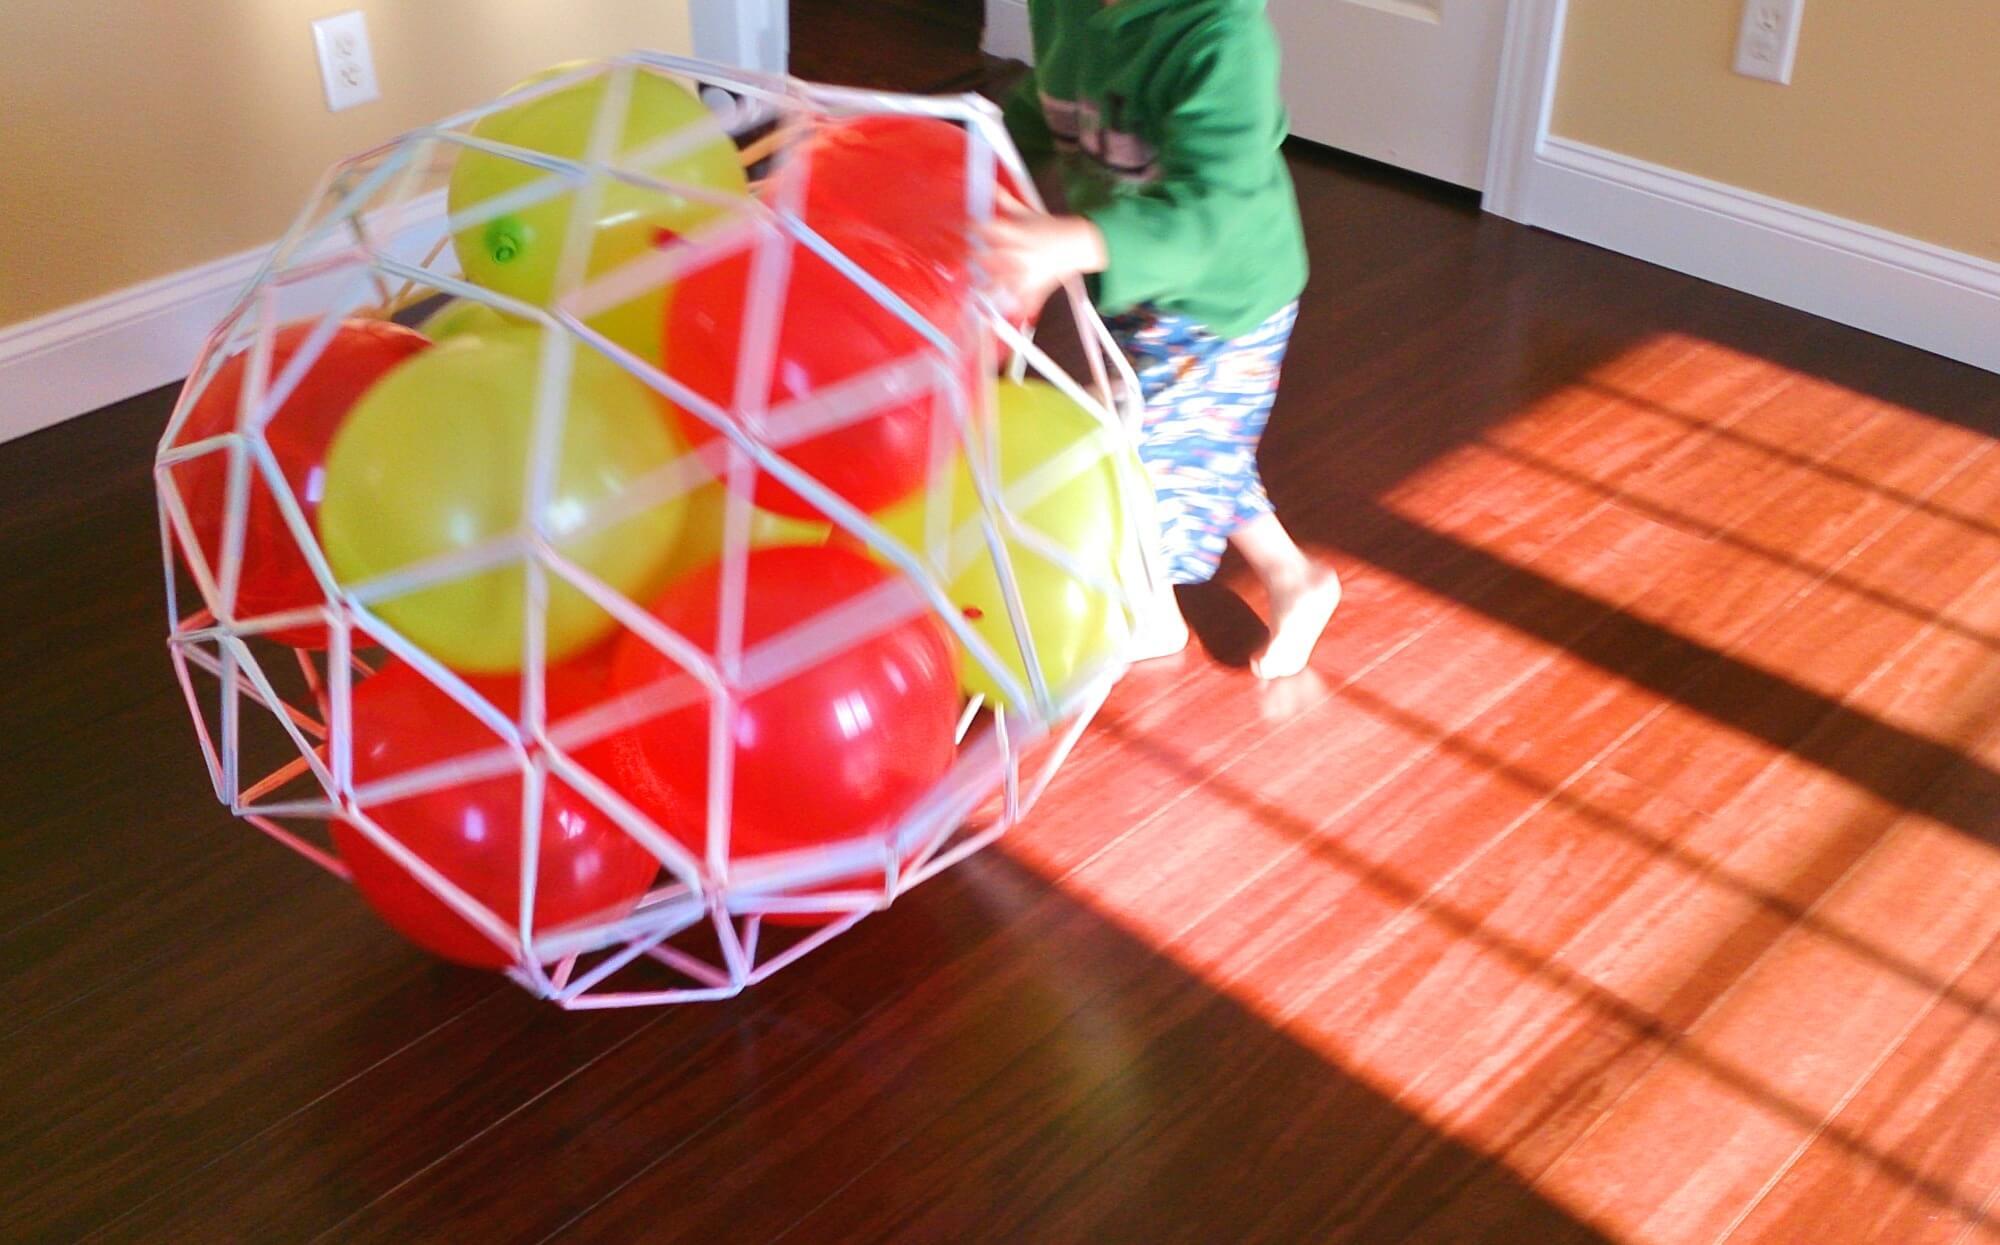 巨大ストローサッカーボールを転がして遊ぶ